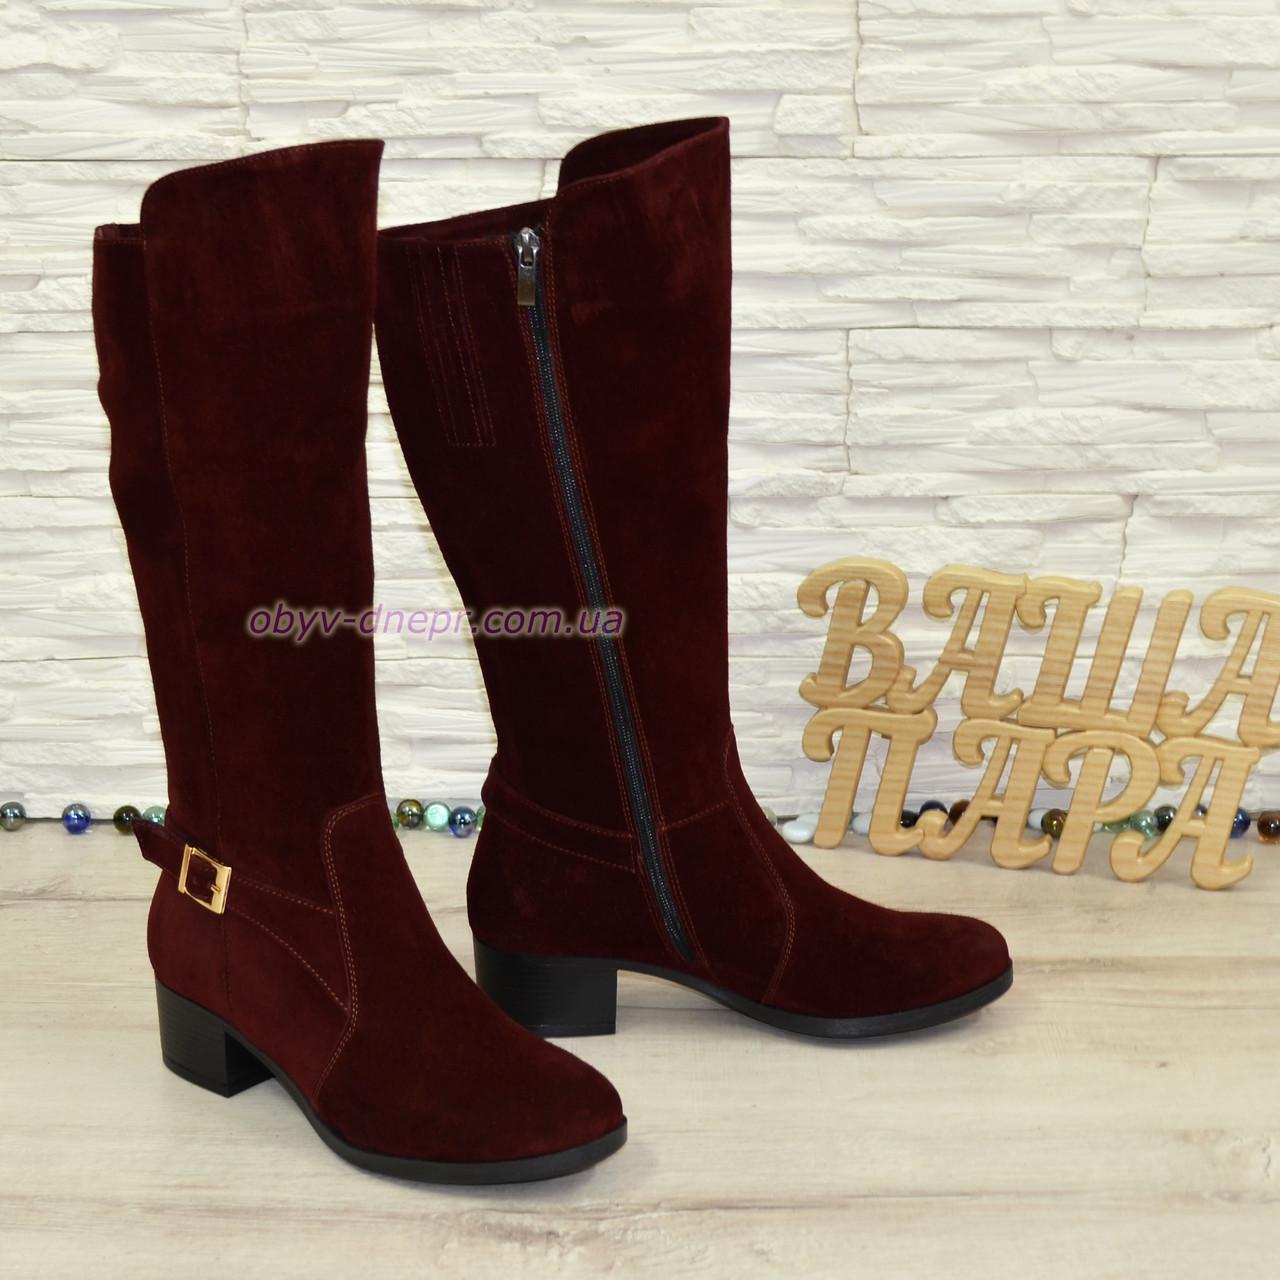 Сапоги замшевые бордовые женские зимние на невысоком каблуке, декорированы ремешком., фото 2